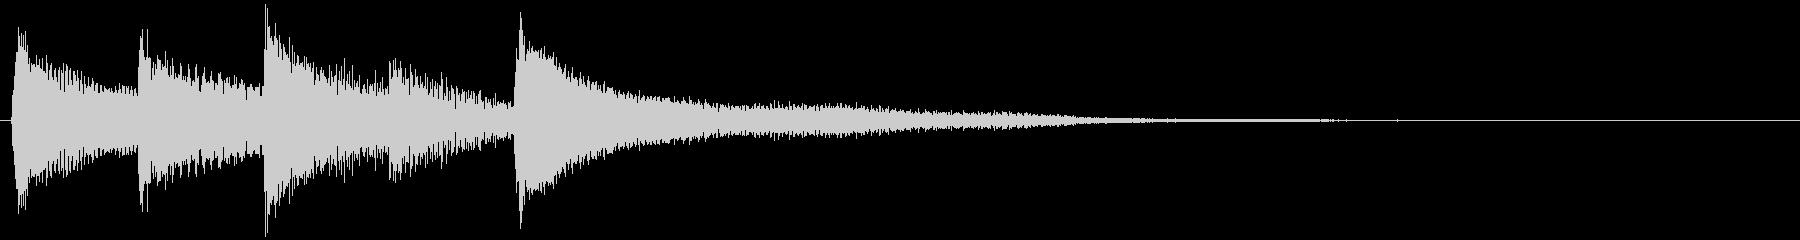 ピアノ転回音12・サウンドロゴの未再生の波形